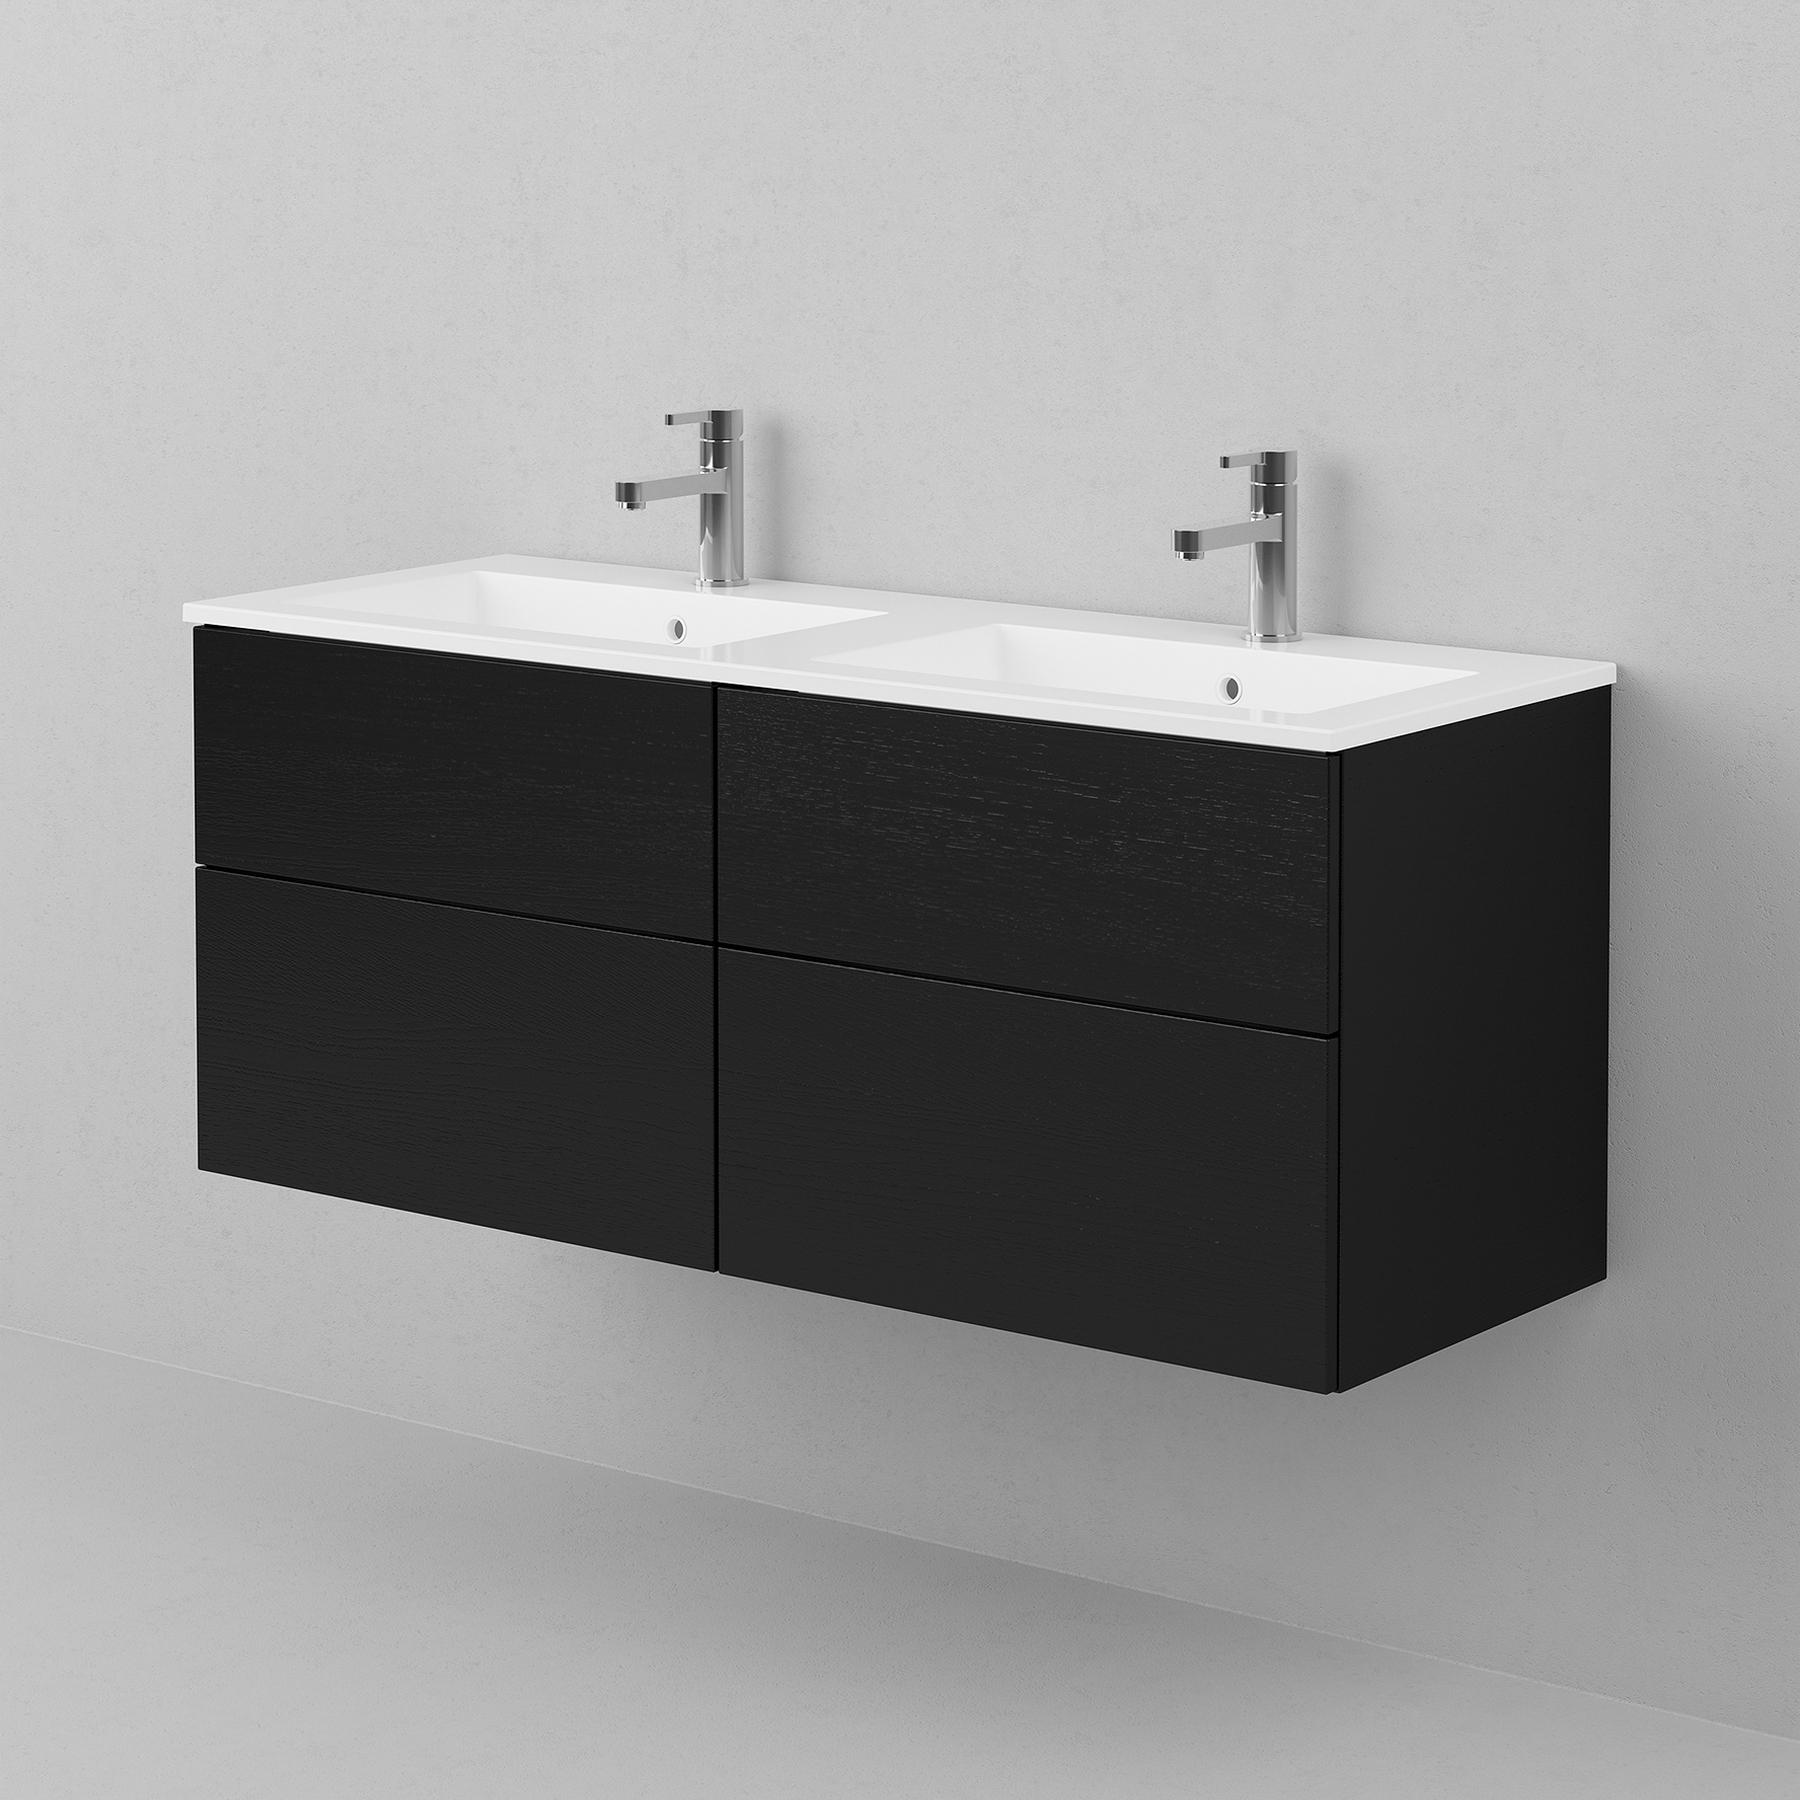 Tvättställsskåp INR Viskan Solid 1200 Dubbel